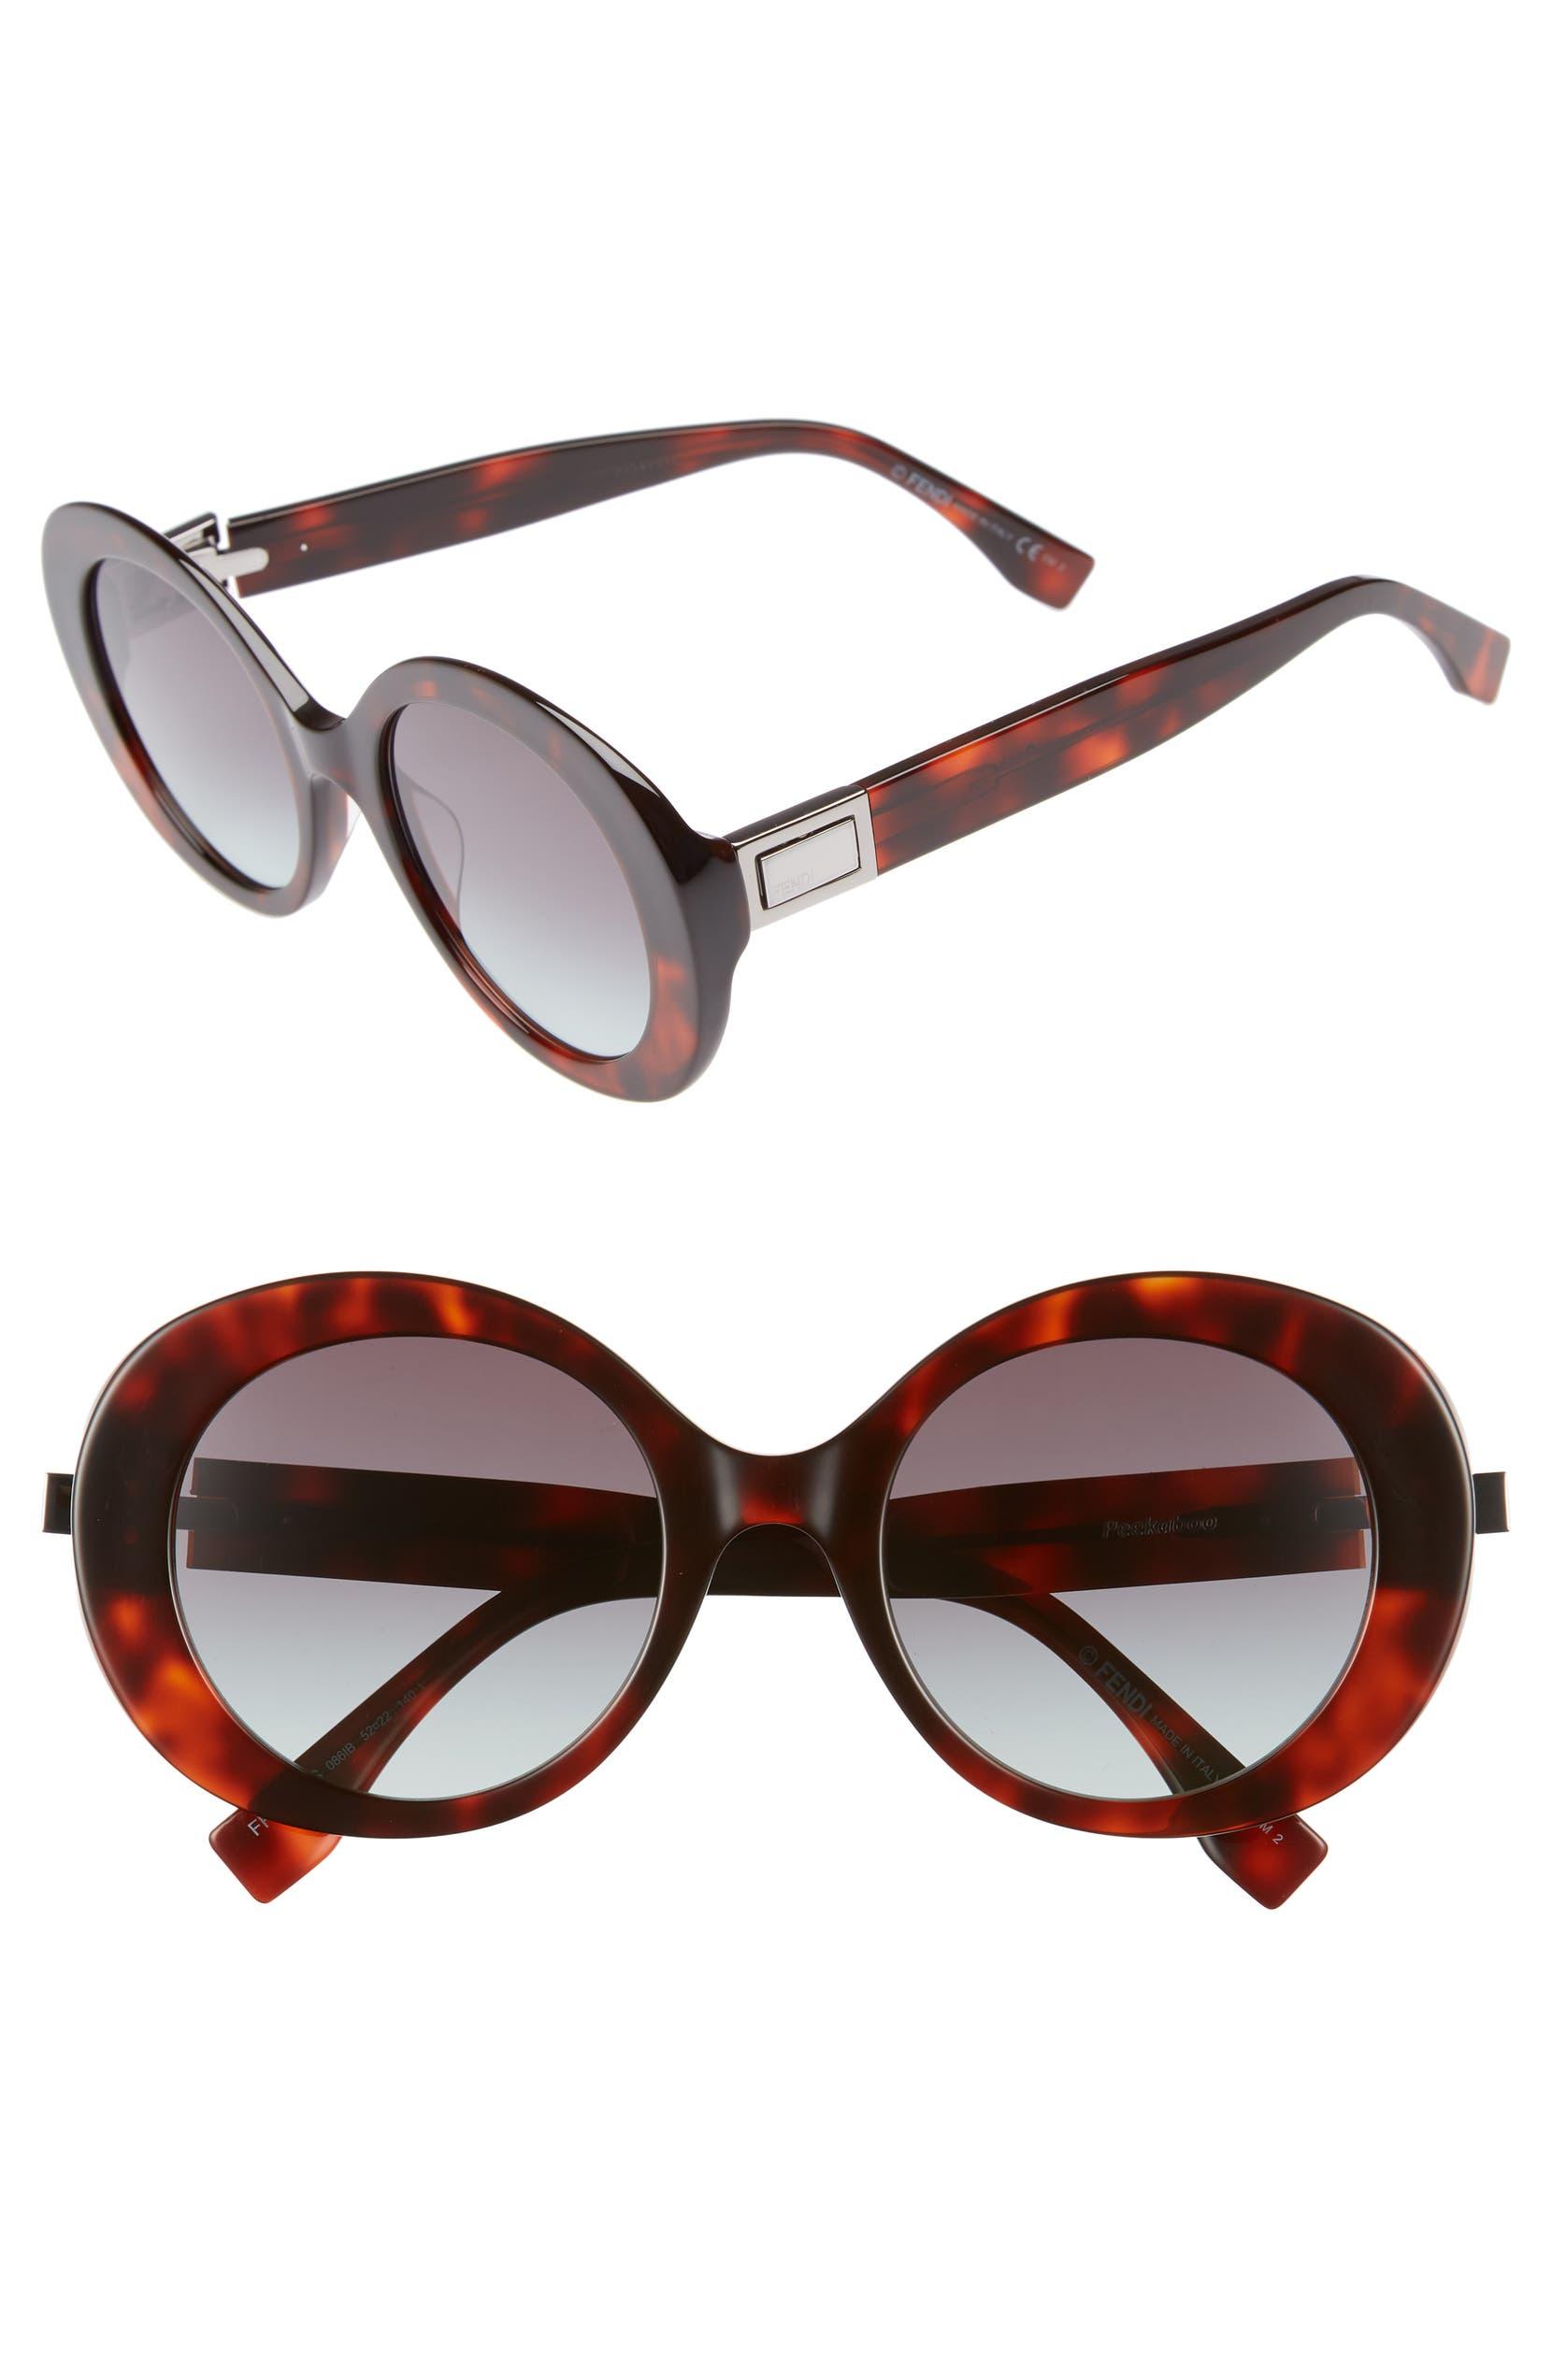 e4b98c10e71 Fendi 52mm Round Sunglasses